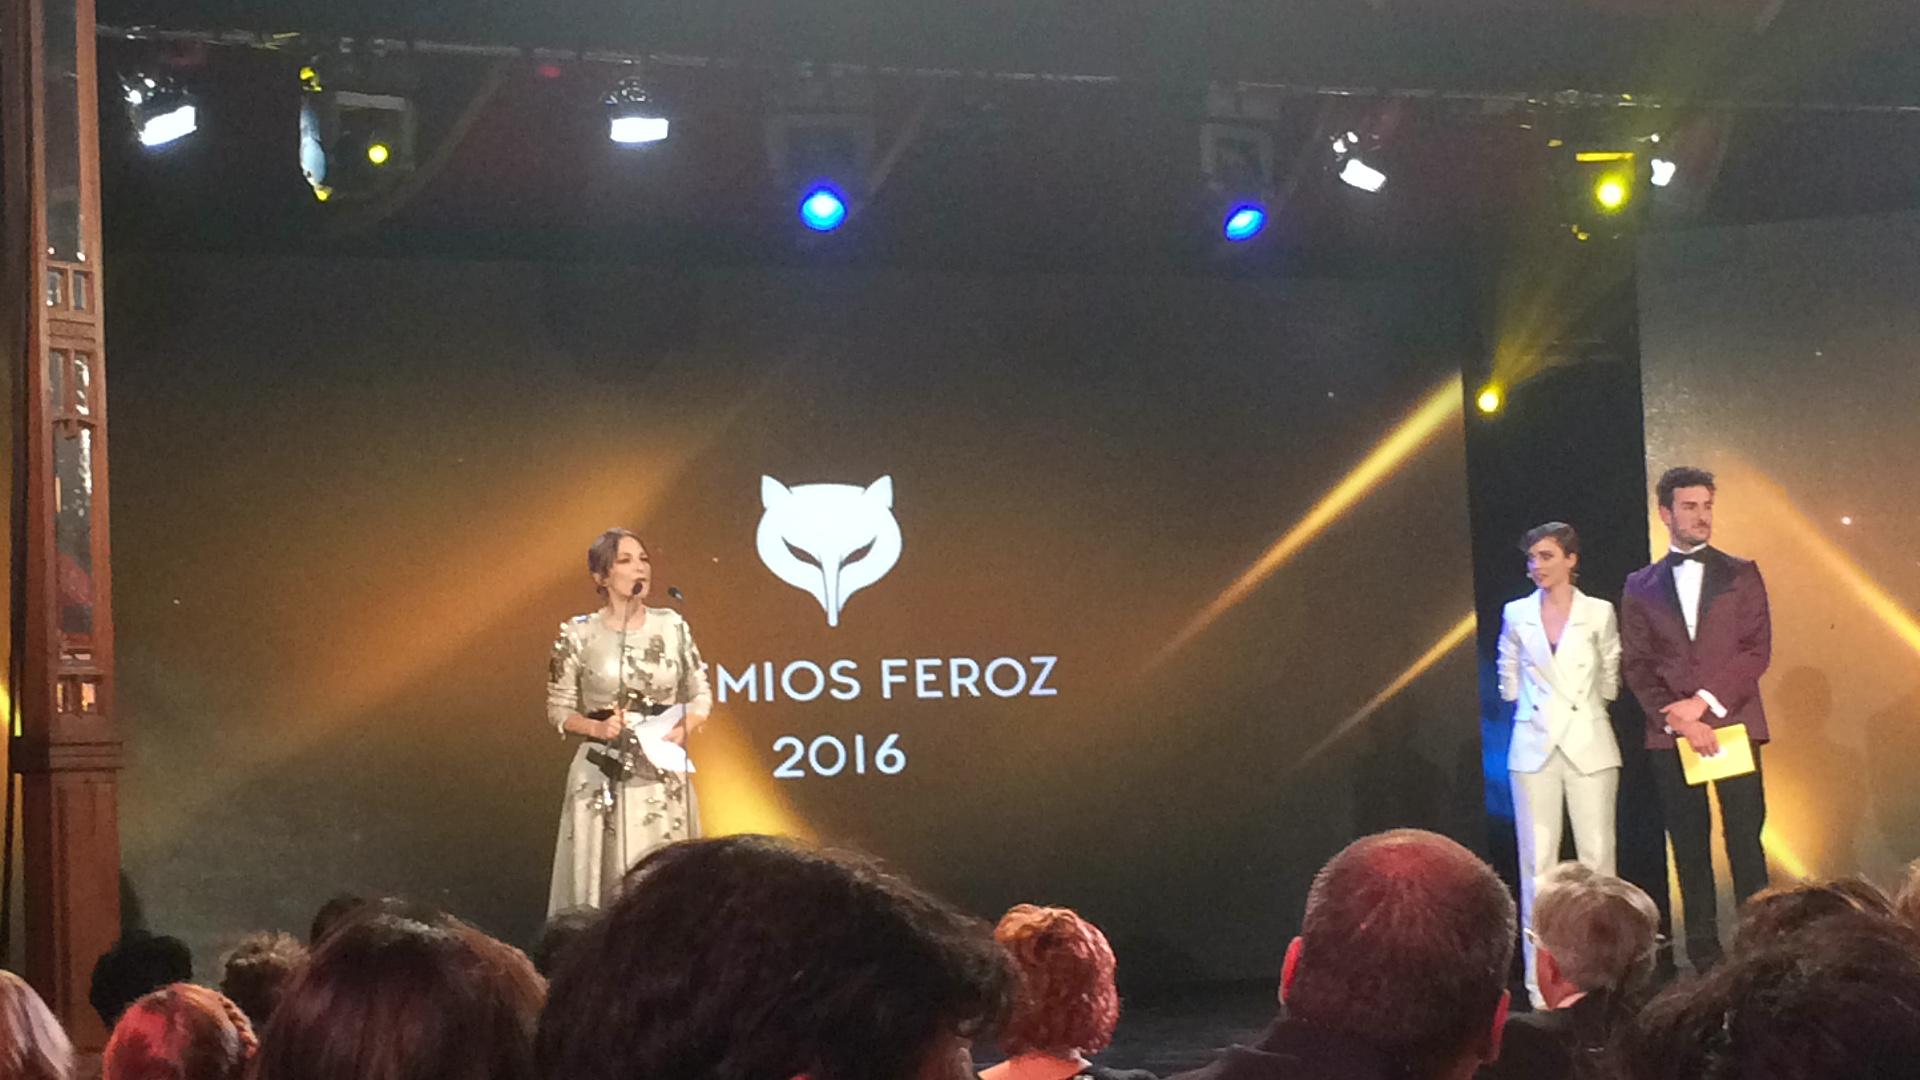 Paula Ortiz recogiendo el premio Feroz a la mejor dirección por 'La novia' // Imagen: R. Viejo